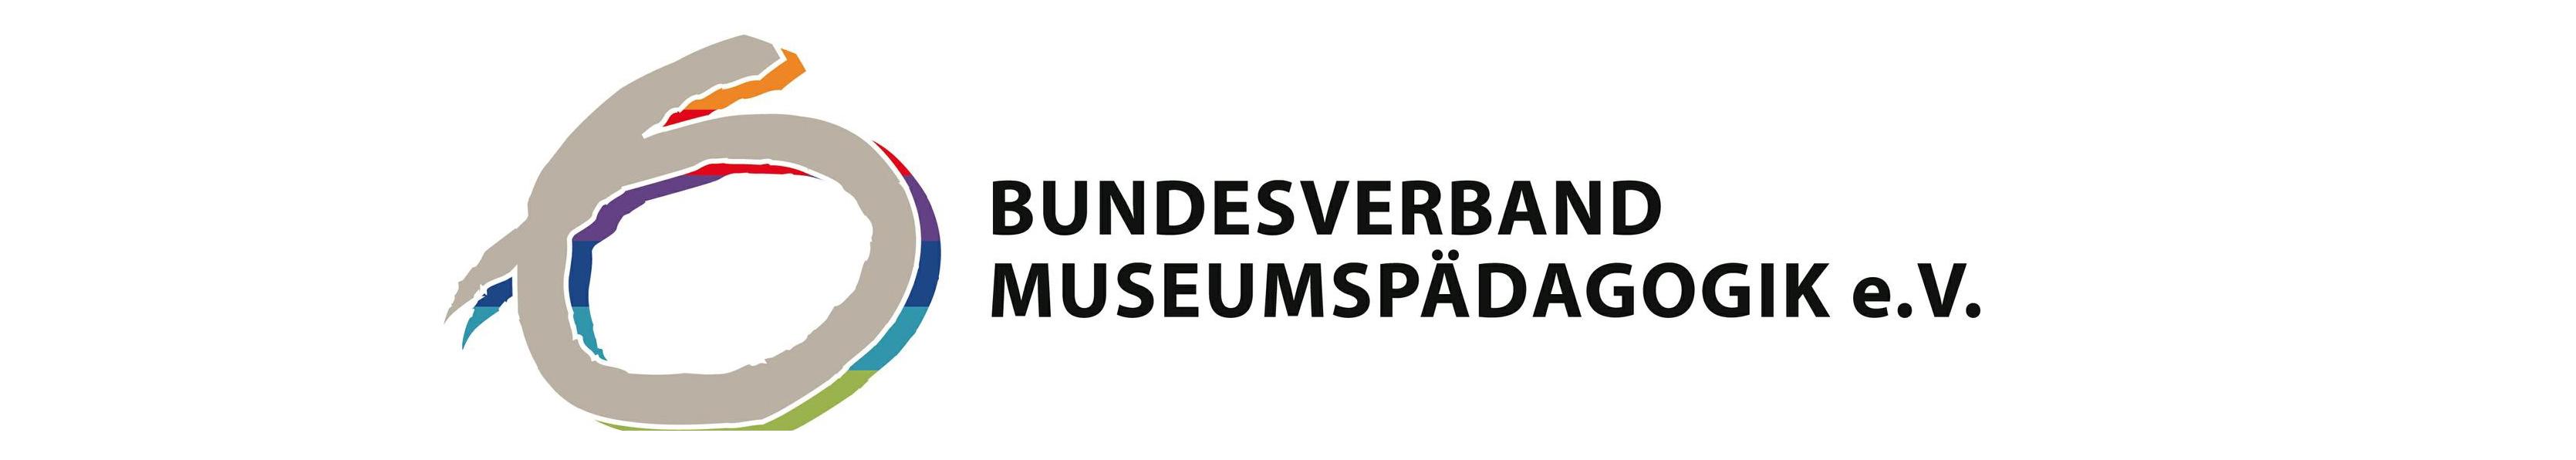 Logo Bundesverband Museumspädagogik e.V.